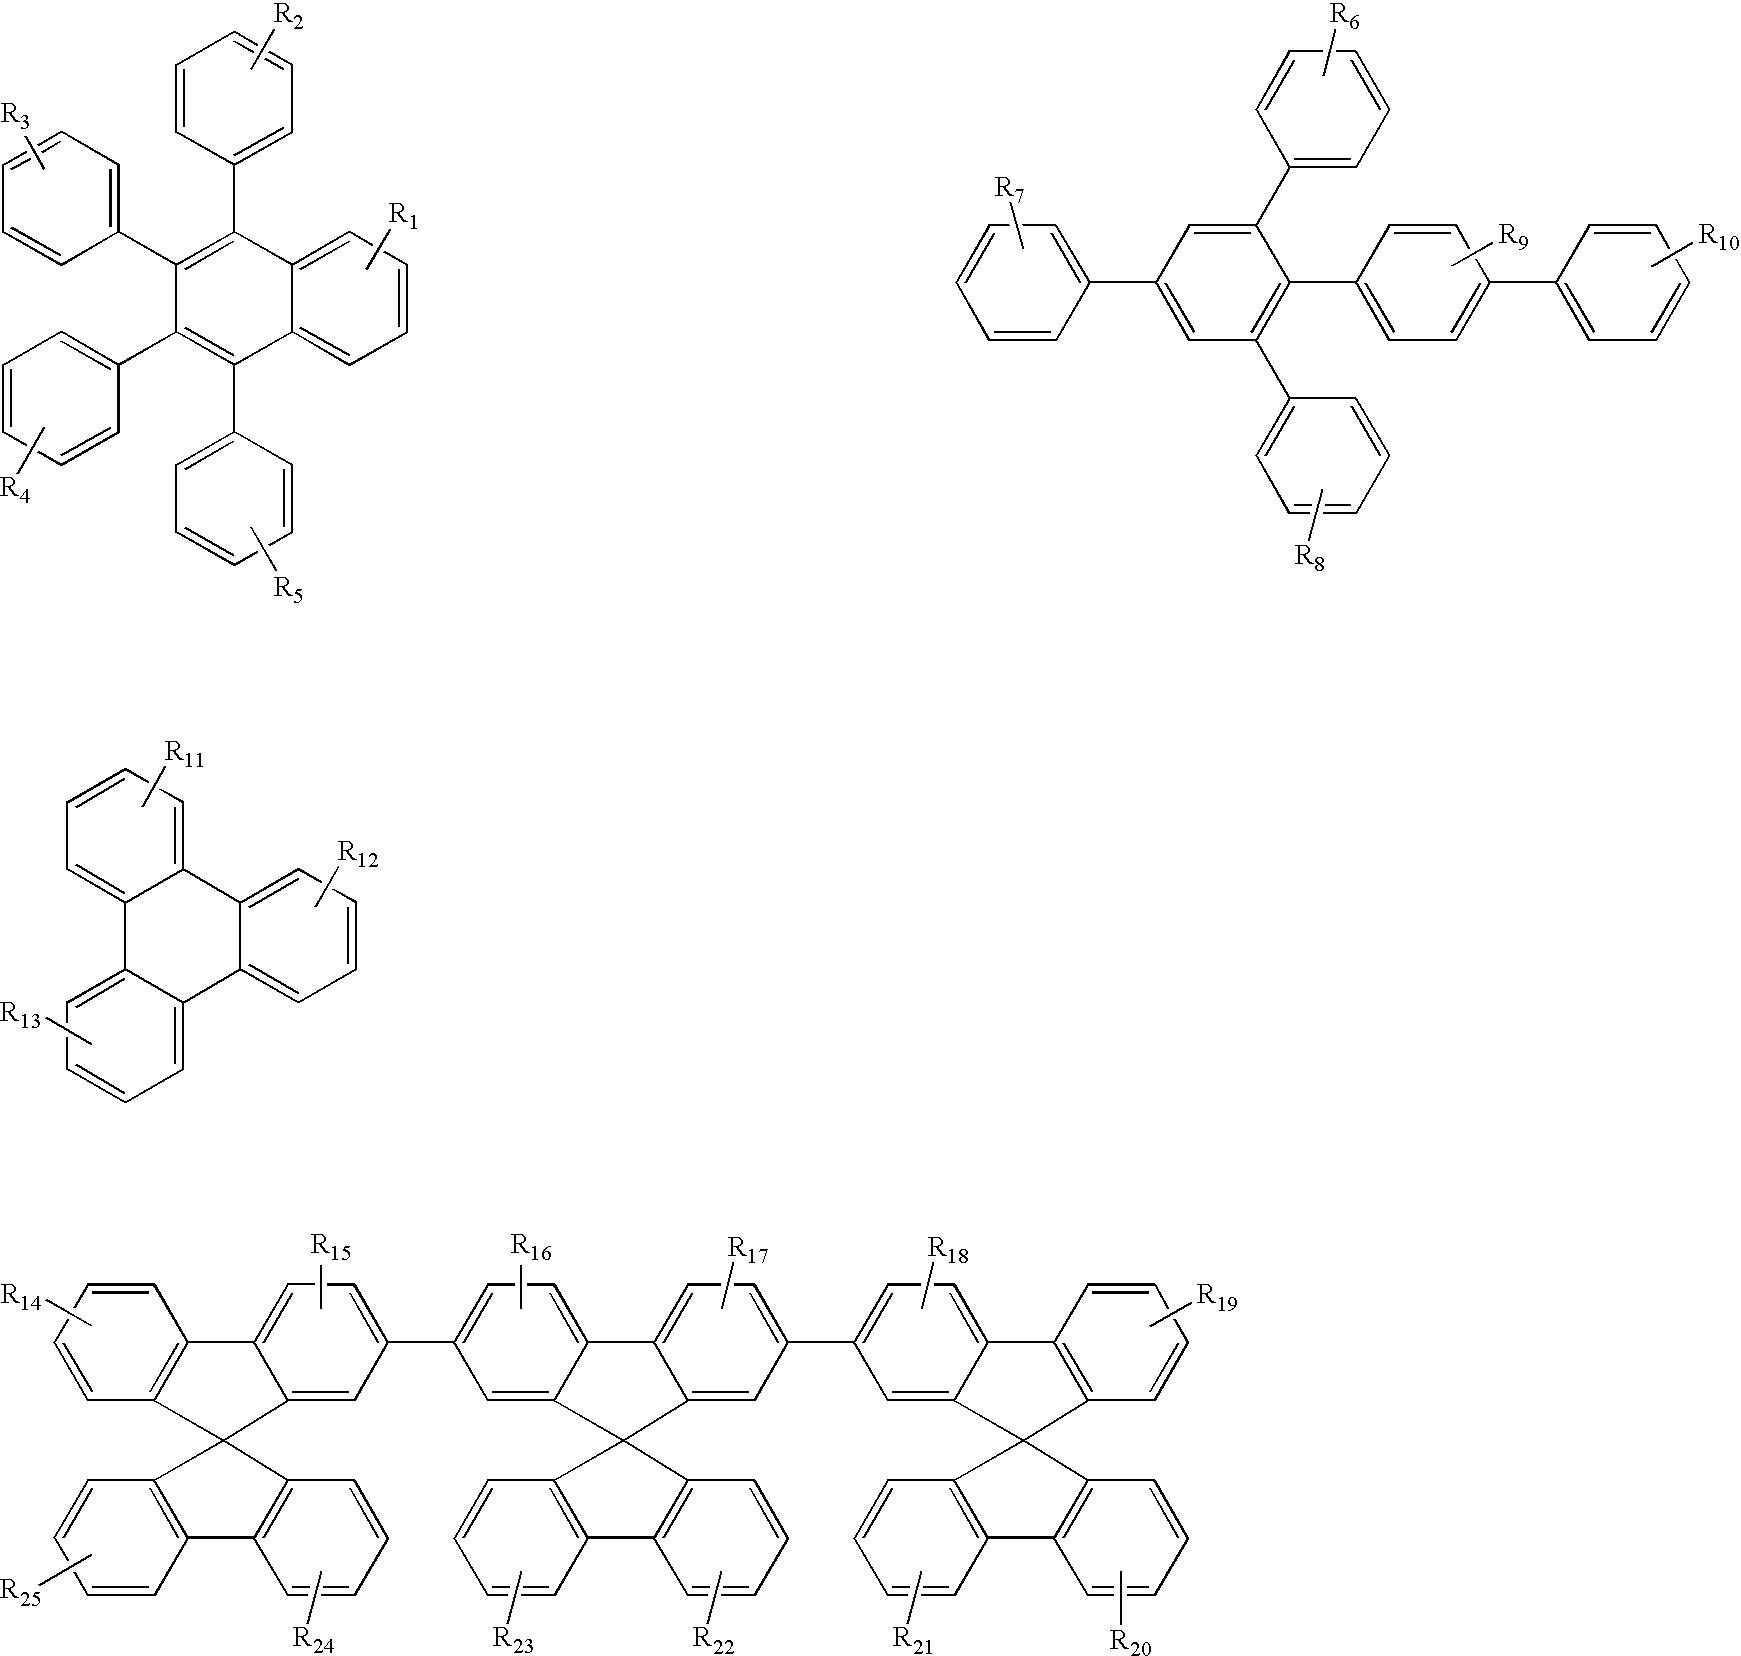 Figure US20050025993A1-20050203-C00015